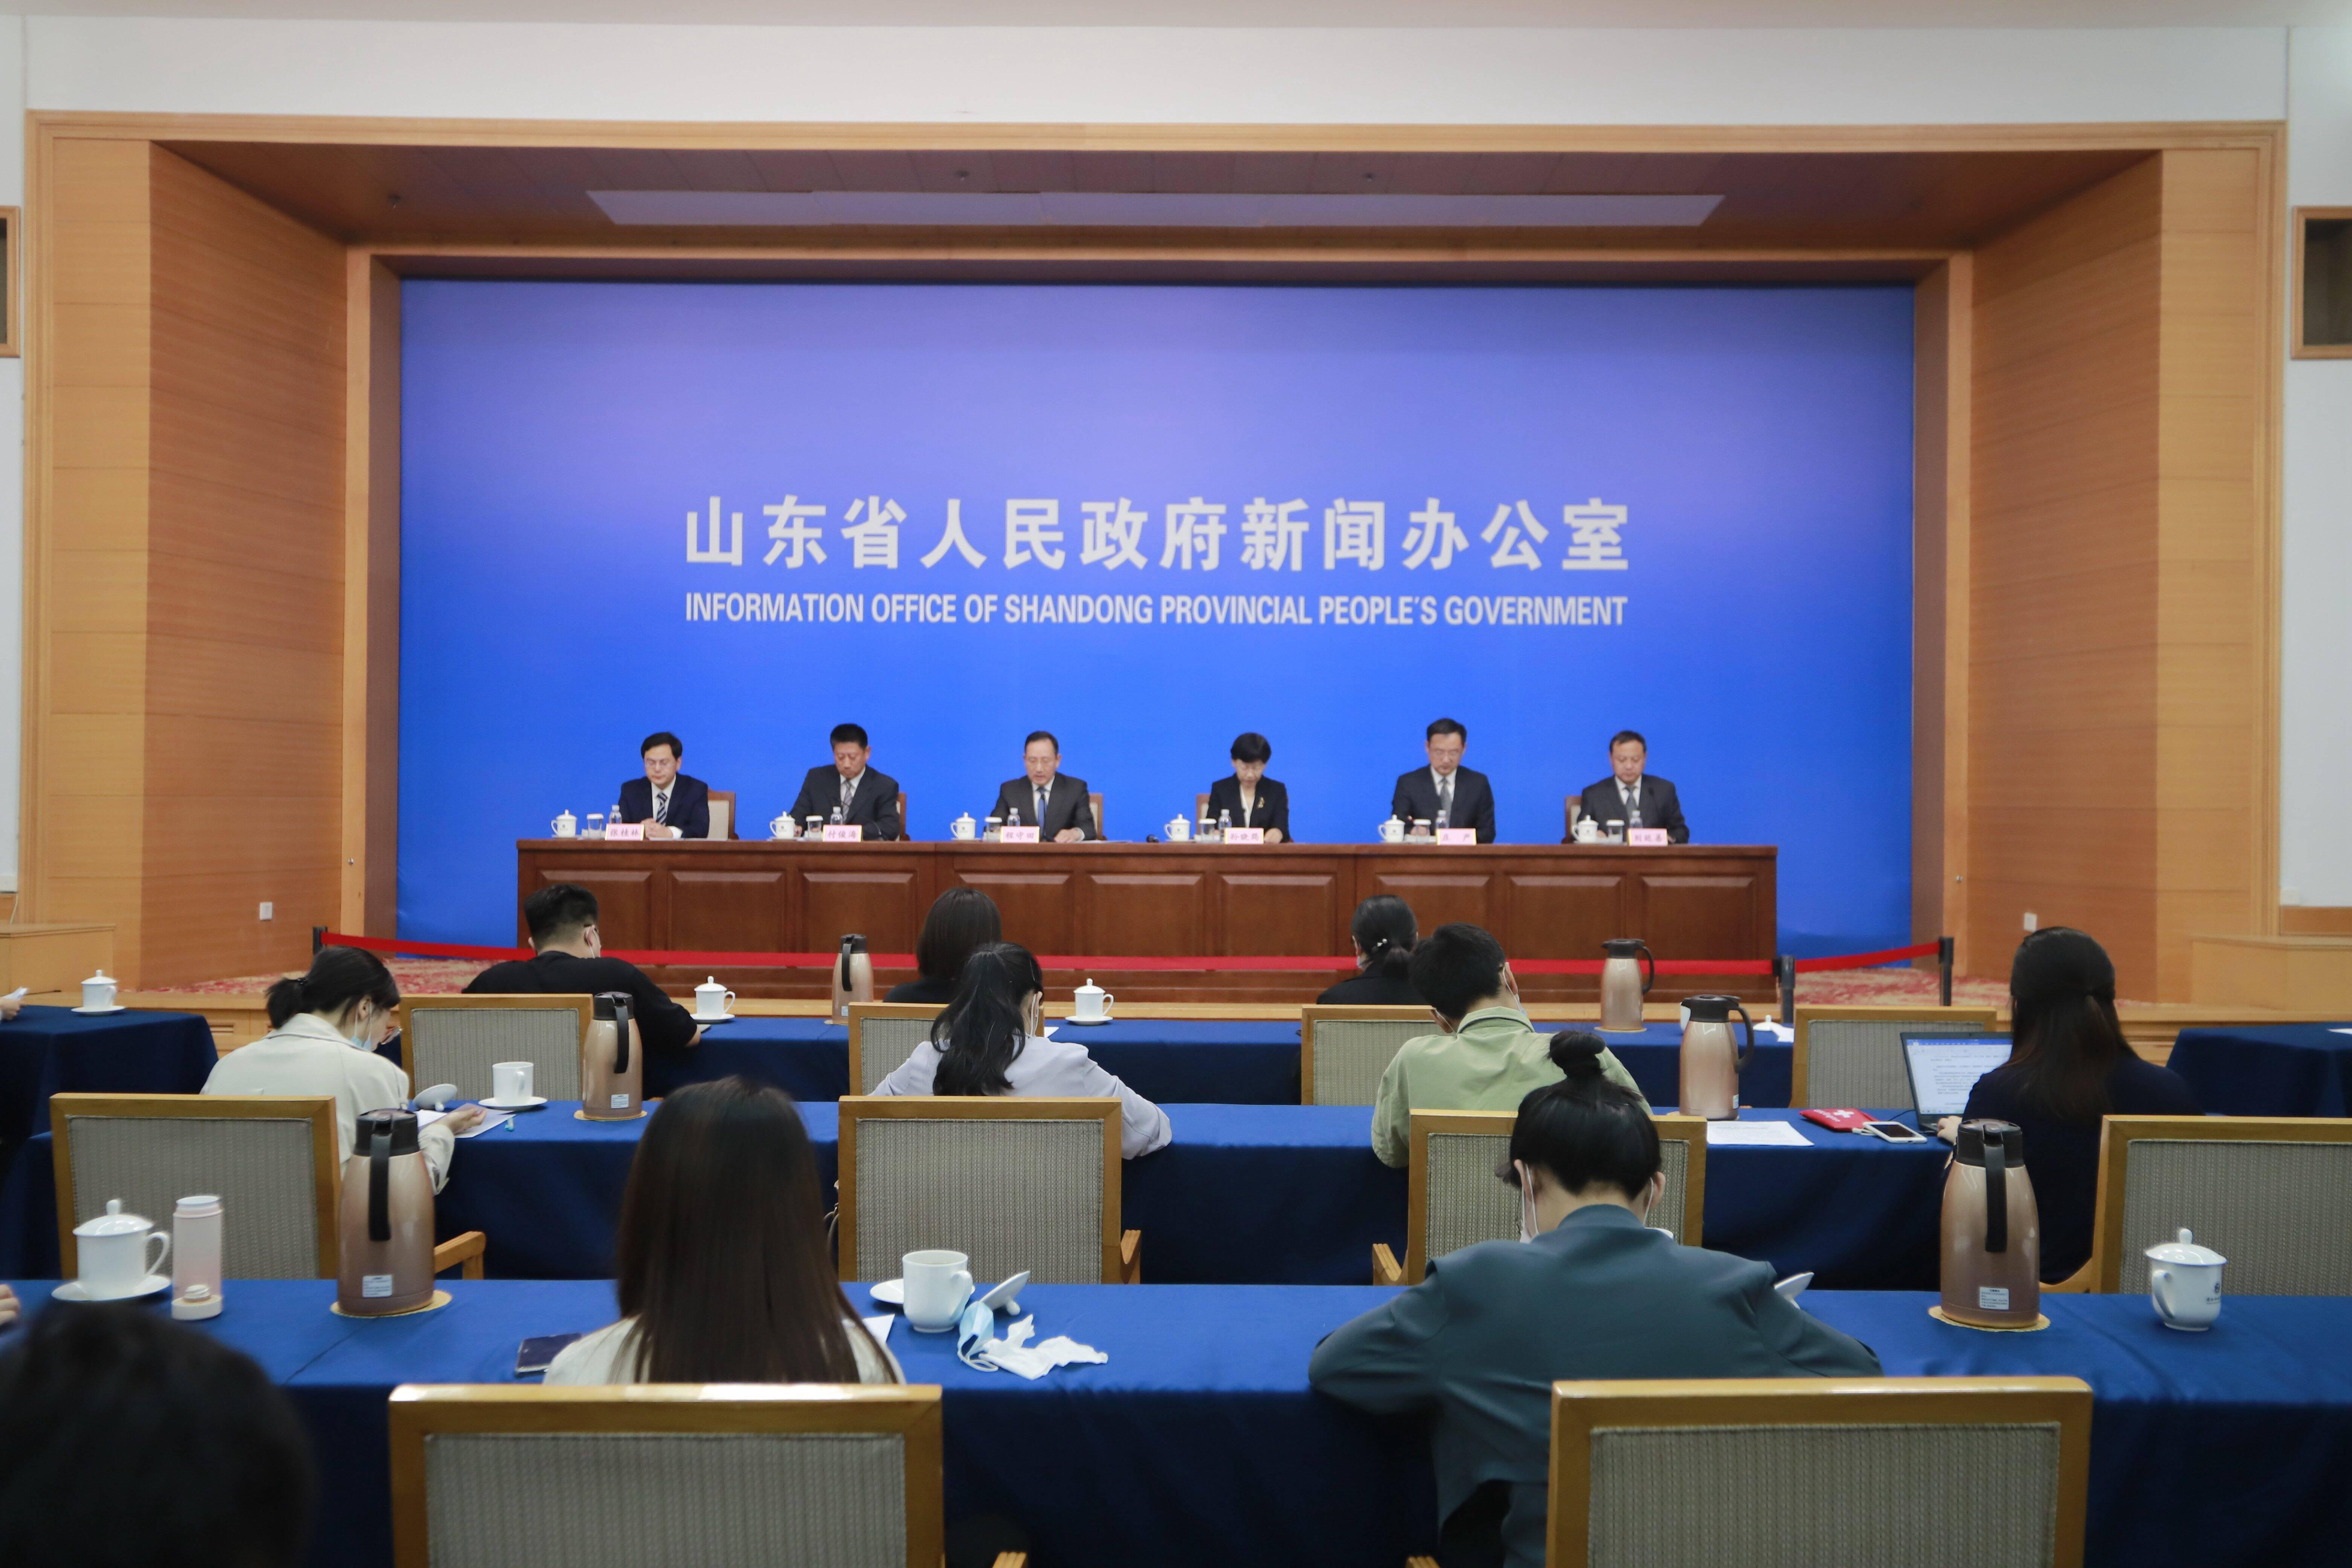 第七届尼山世界文明论坛将首次设置尼山世界中医药论坛